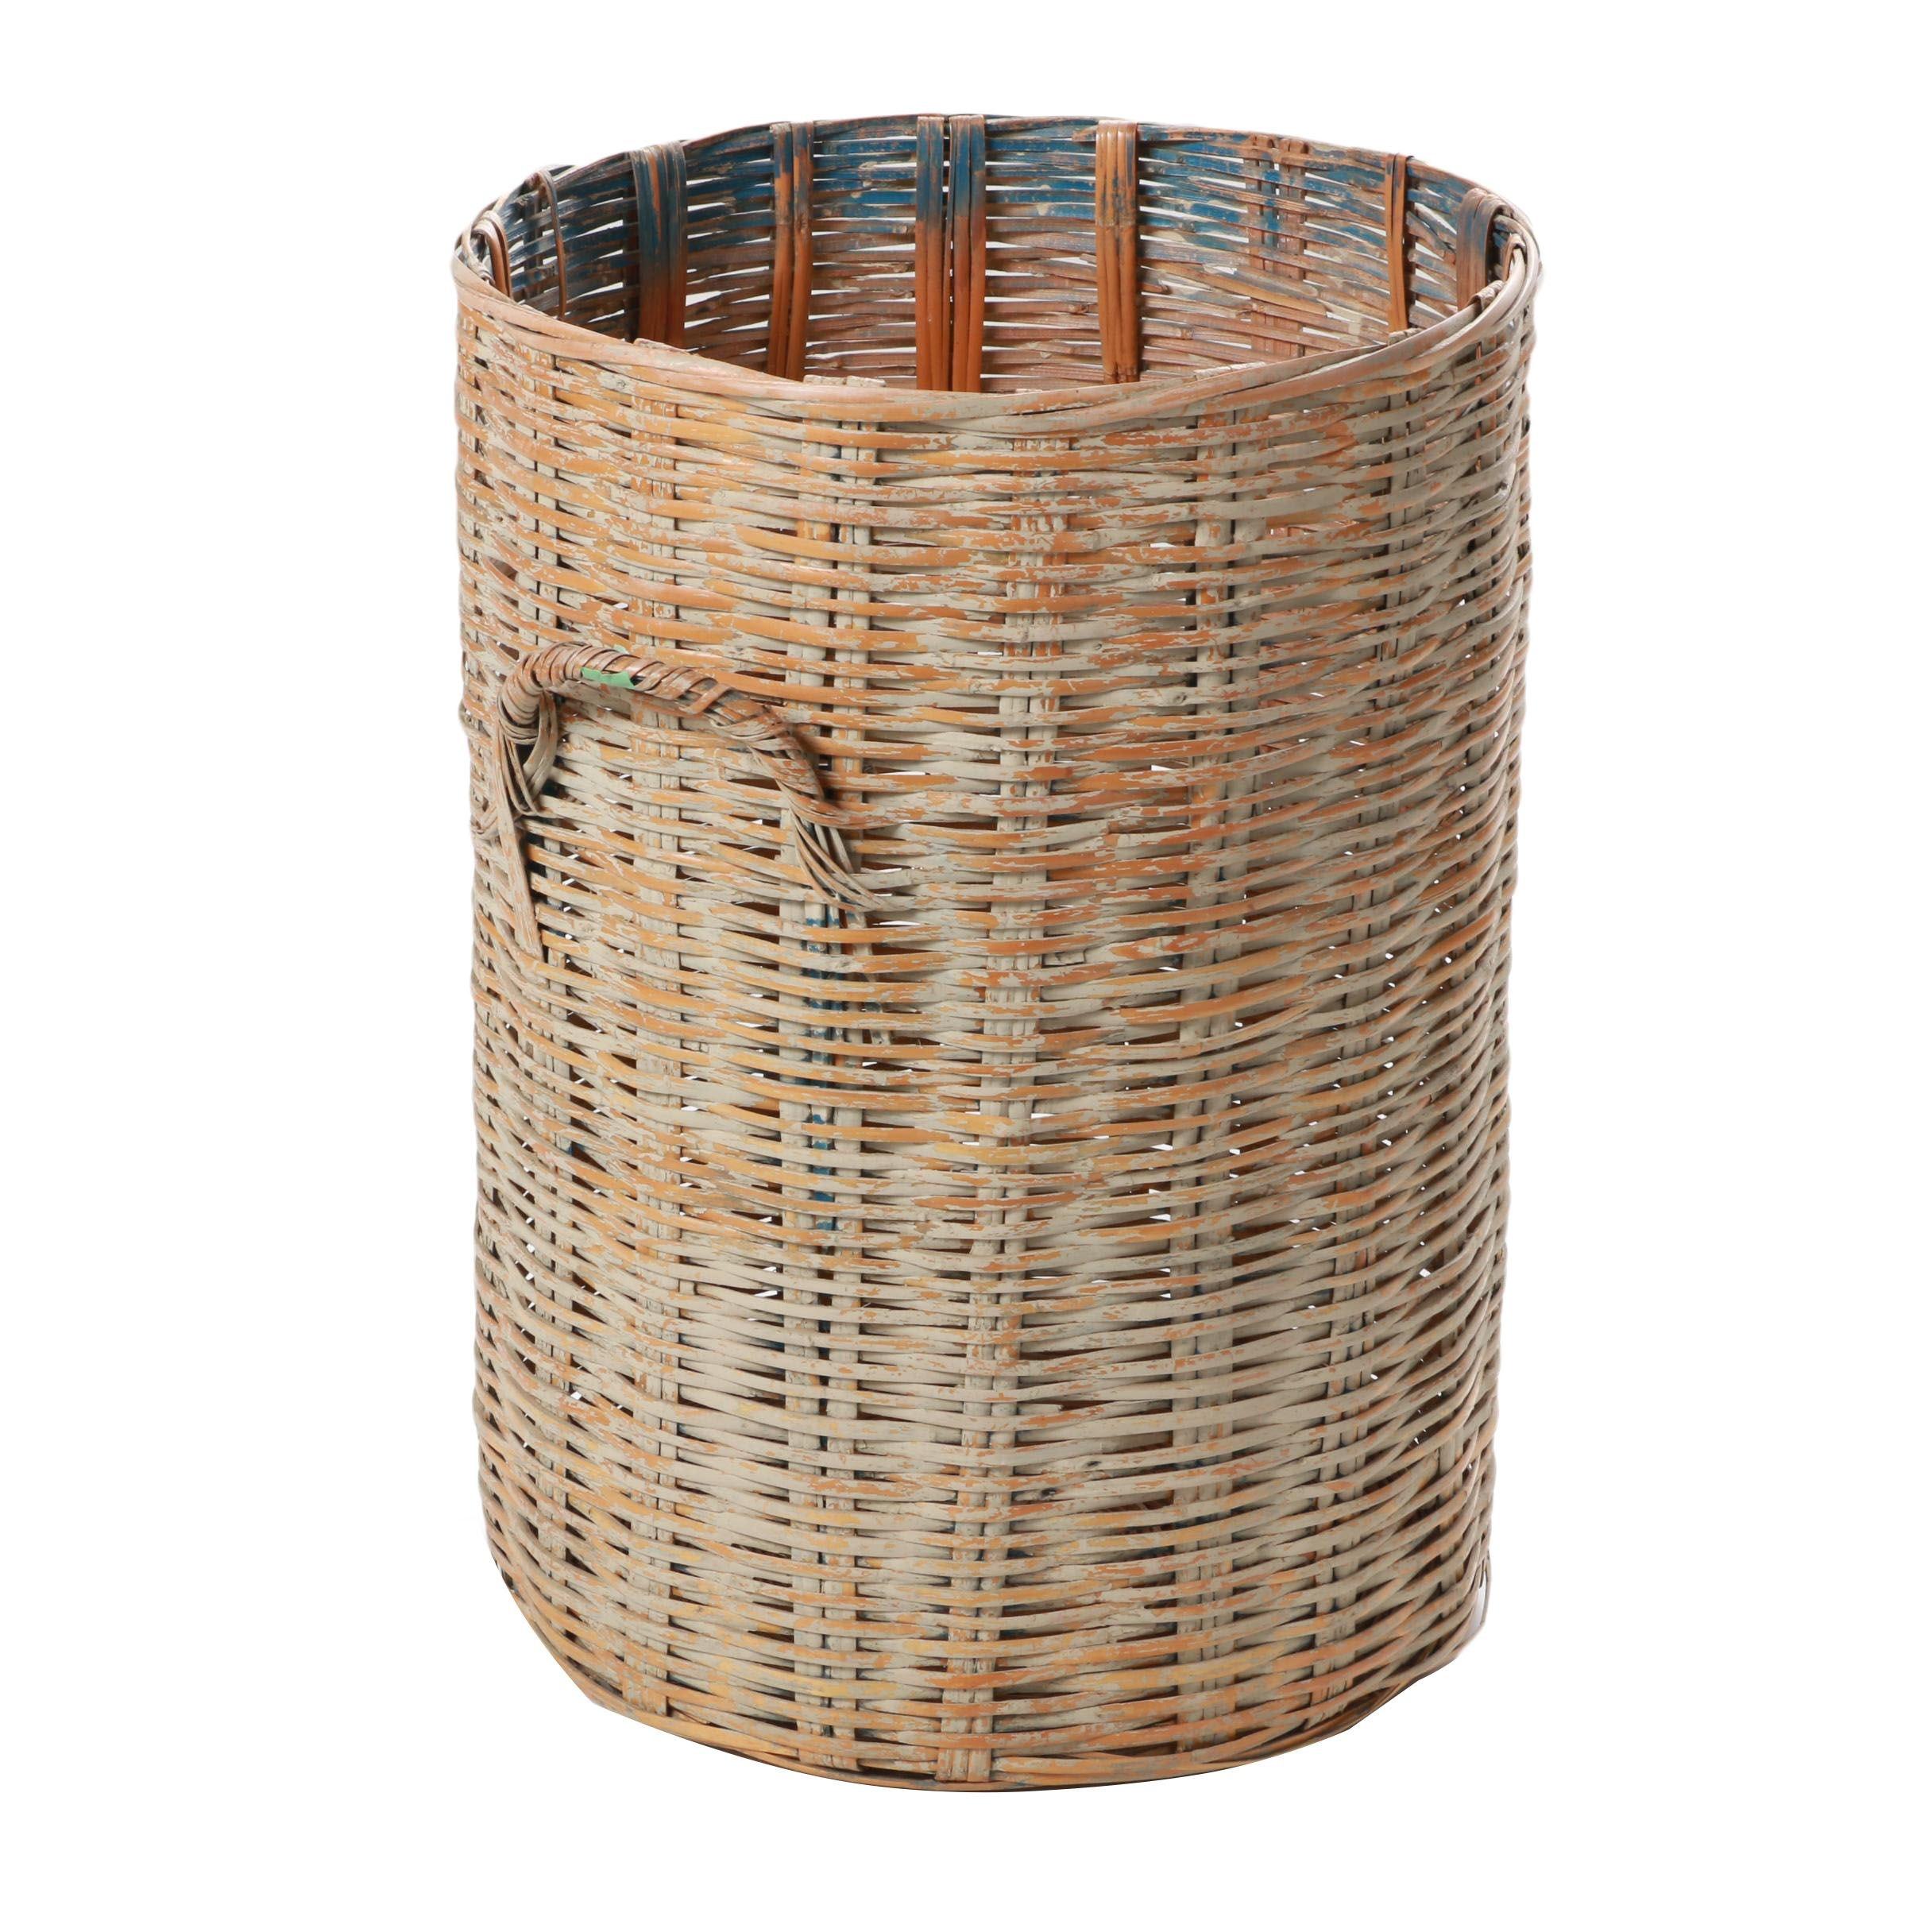 Vintage Tall Wicker Basket